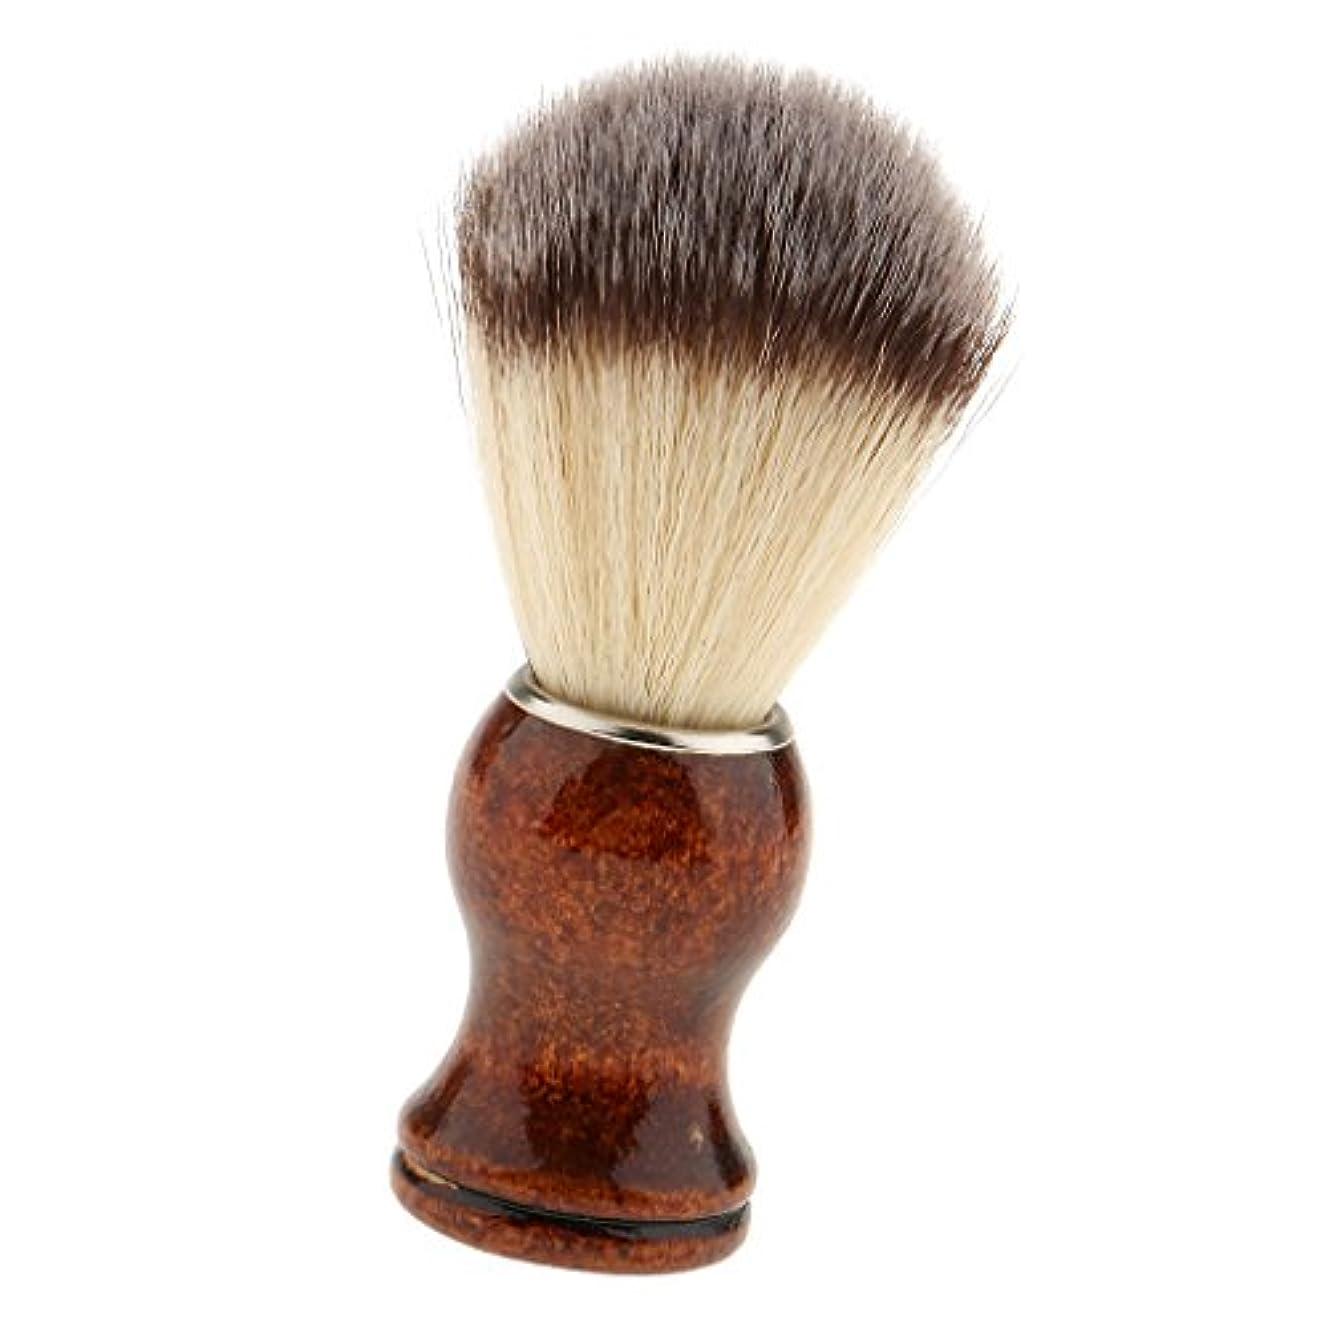 炭素王位衝突サロン ひげブラシ シェービングブラシ メンズ用 ナイロン 理髪用 快適 首/顔 散髪整理 泡たてやすい